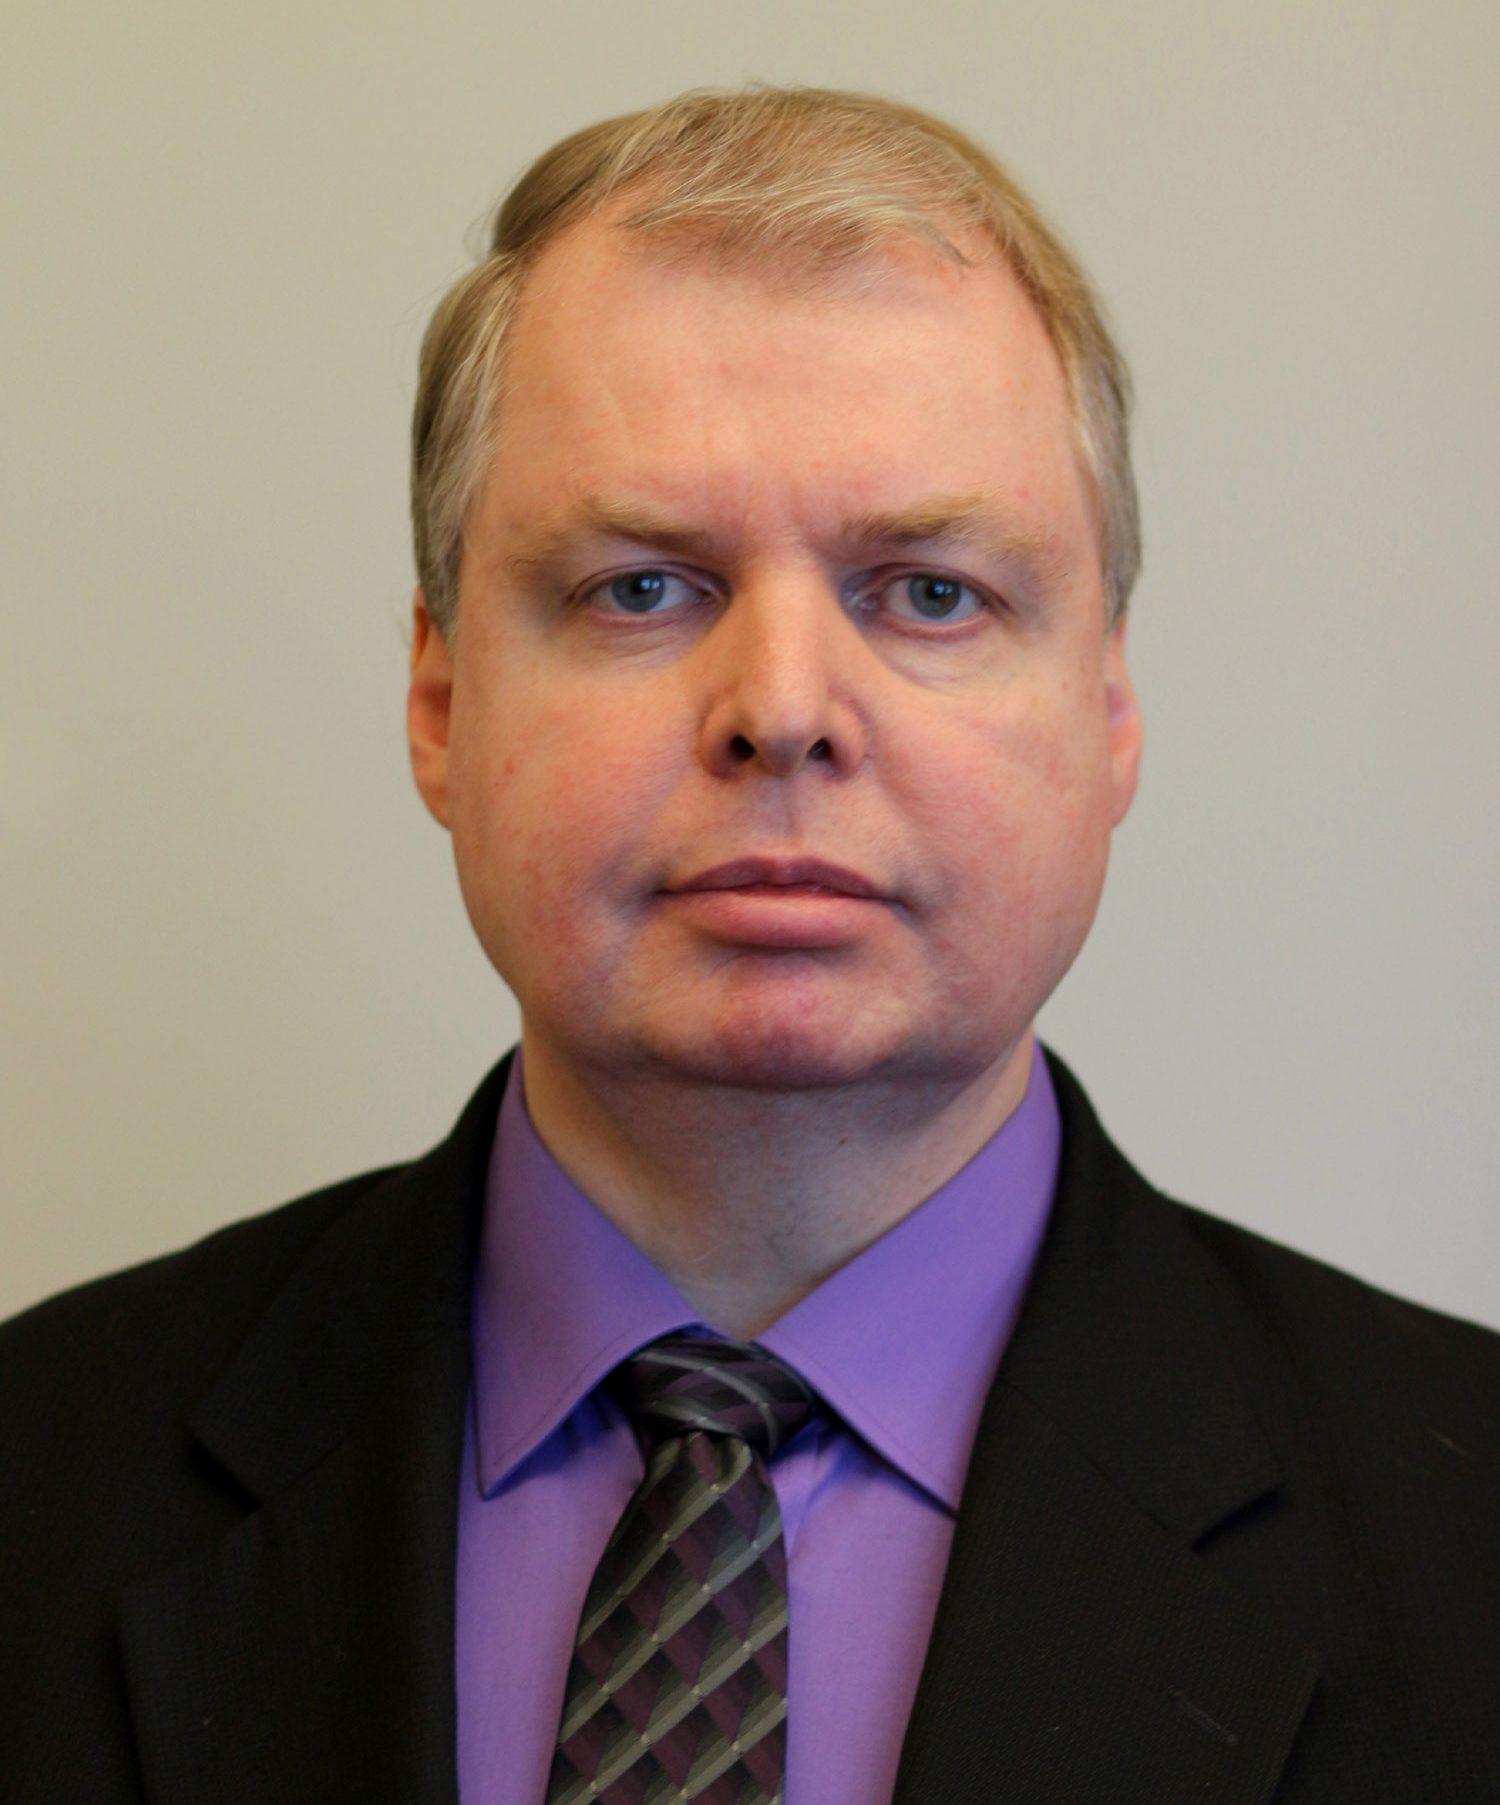 Dr. Olafur Palsson